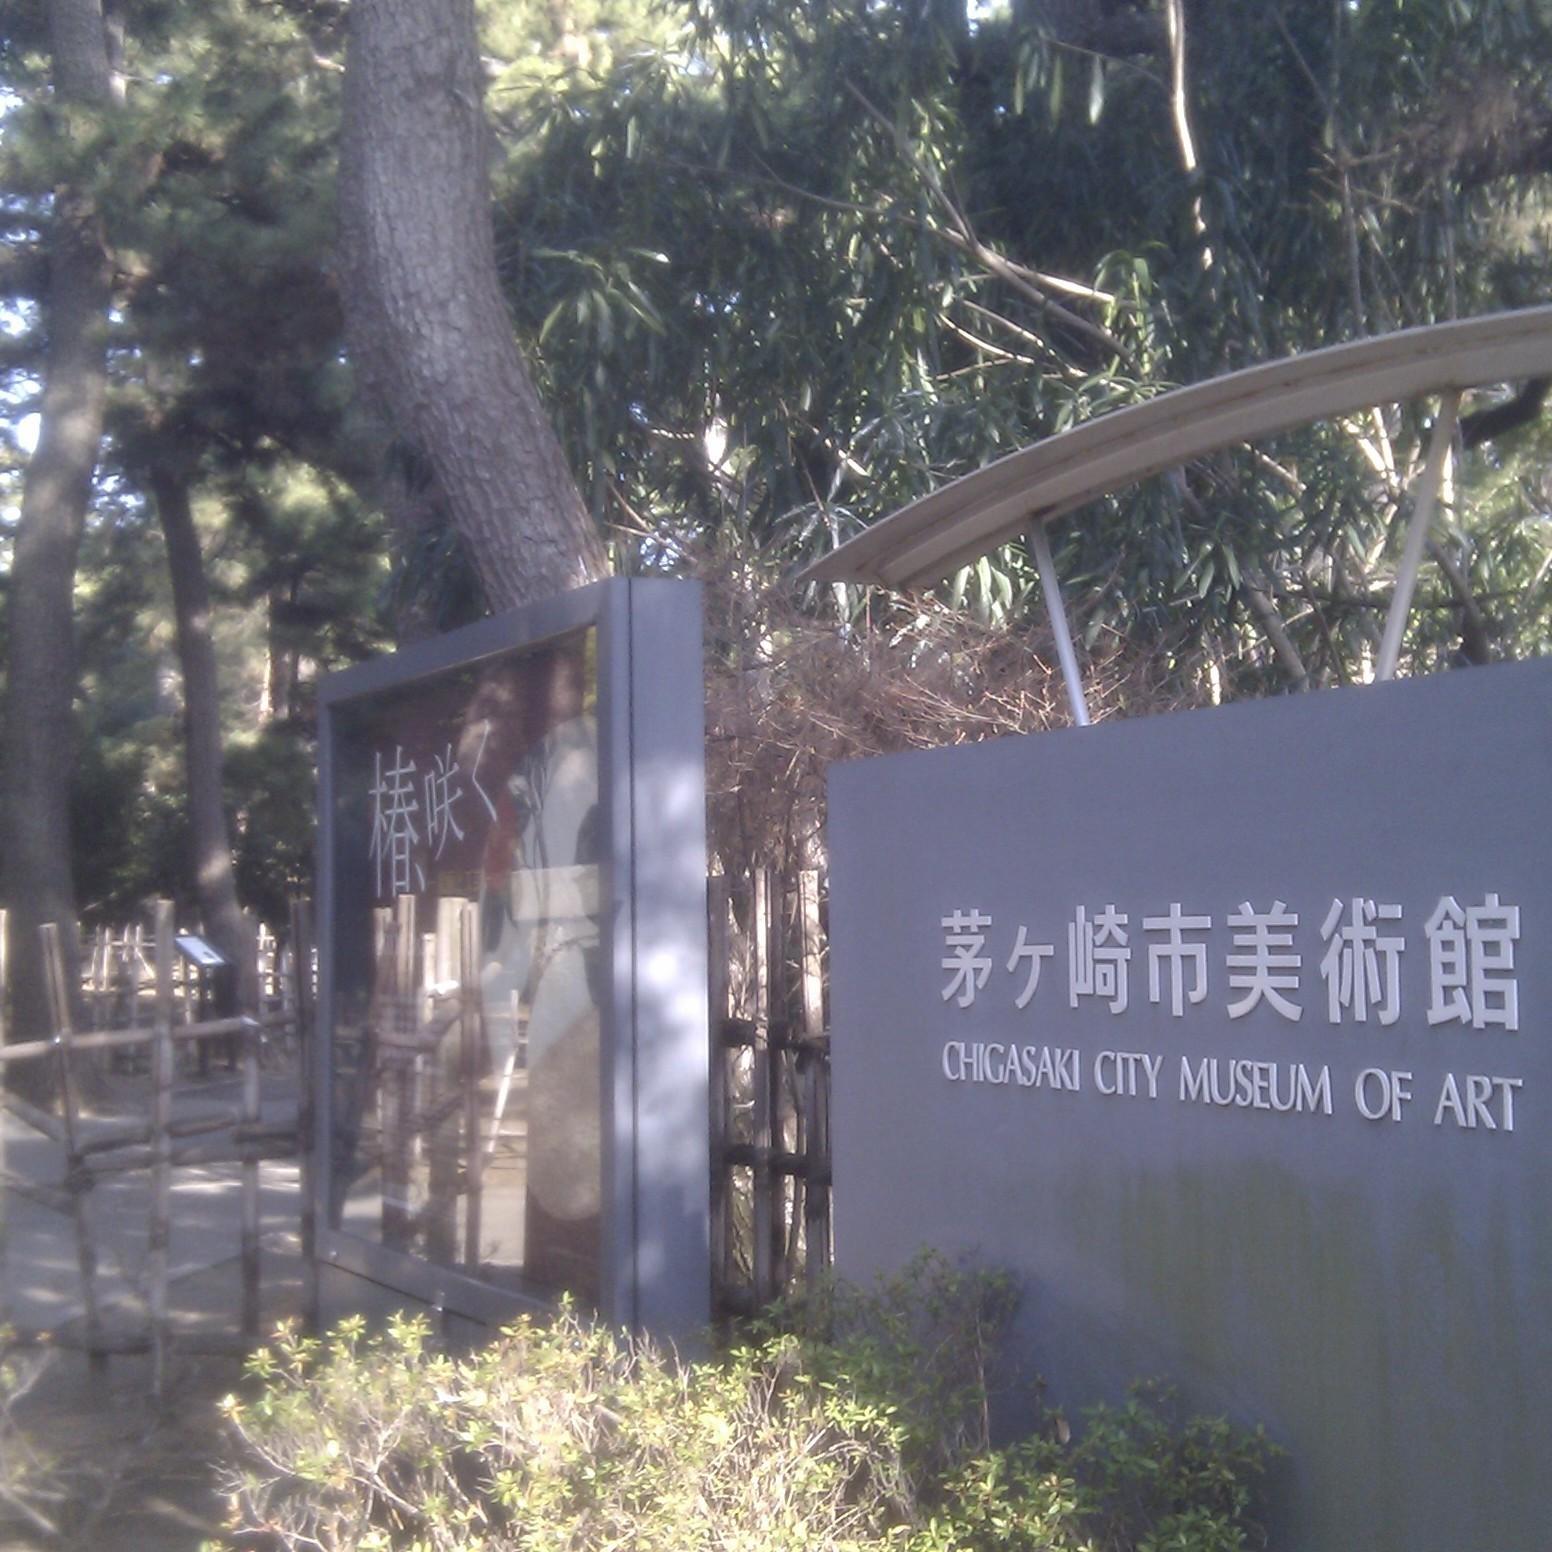 Chigasaki Art Gallery